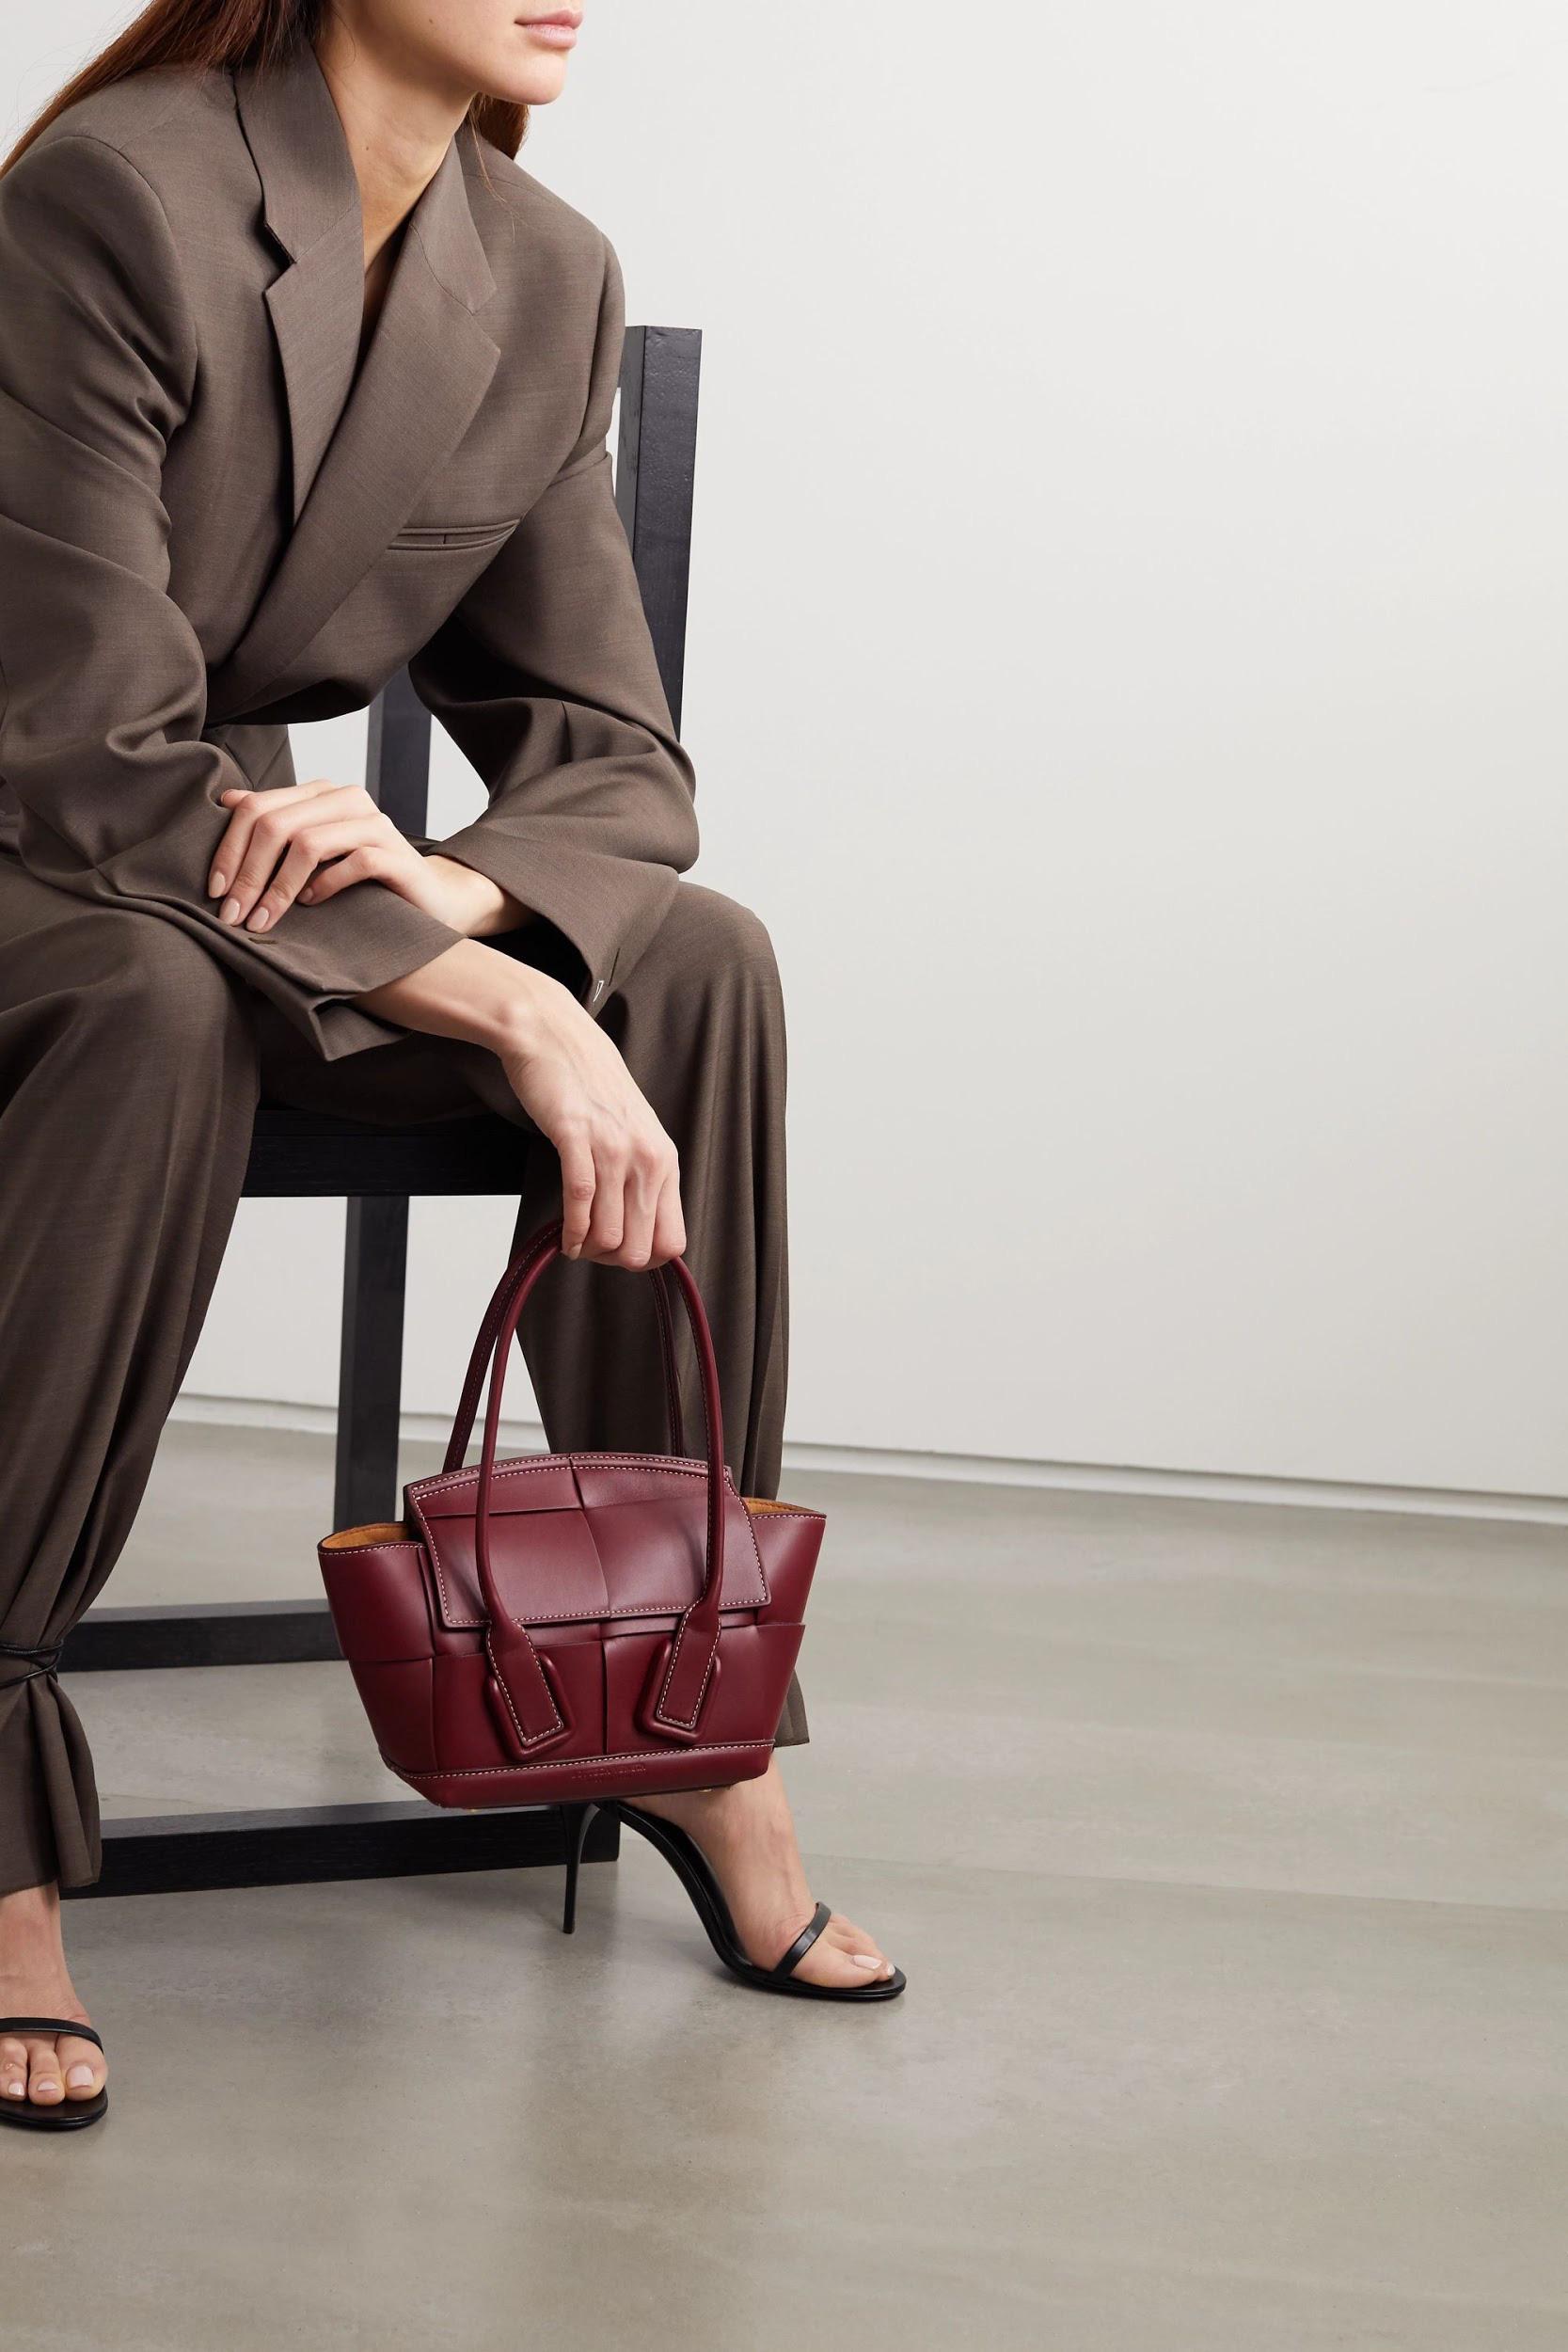 Không khóa đóng, không logo nổi bật, chiếc túi này có gì hot mà khiến loạt fashionista thế giới phải điên đảo? - Ảnh 3.